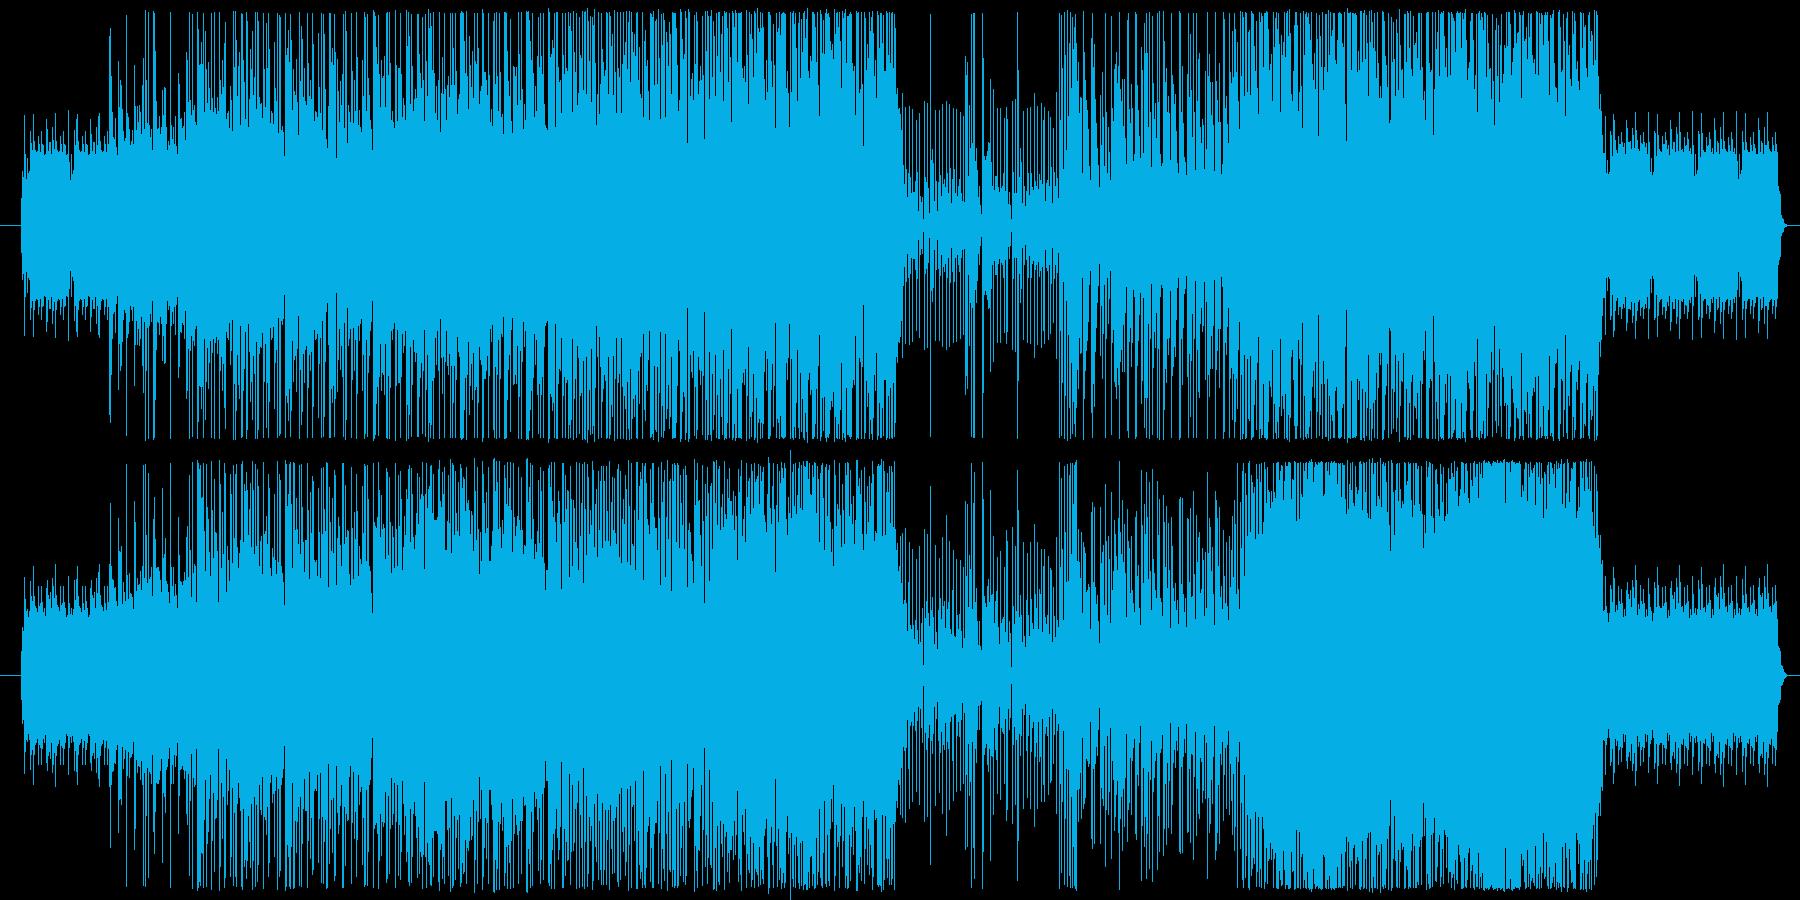 ほのぼのソフトロックの再生済みの波形